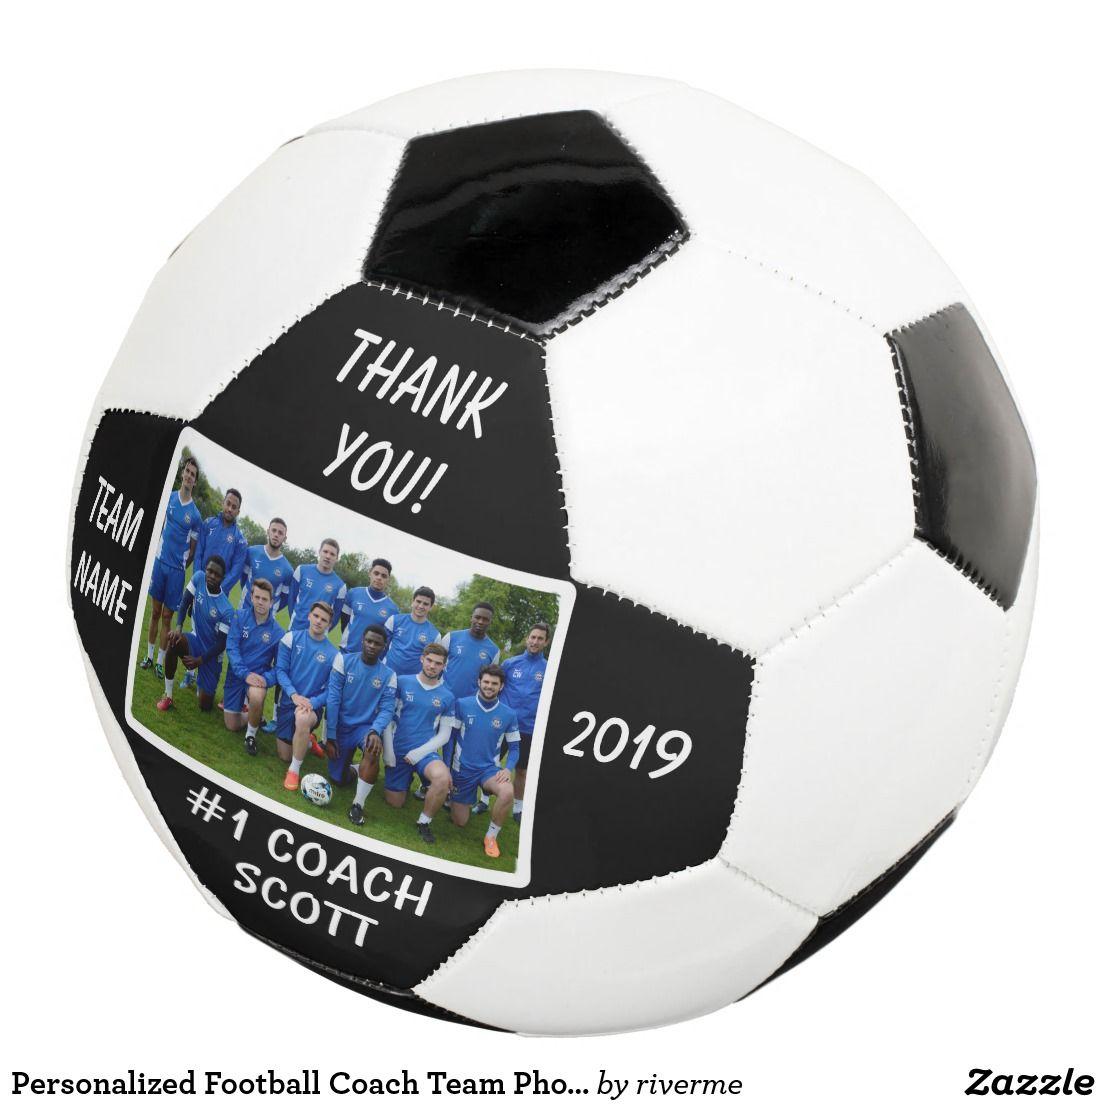 Personalisiertes Fussball Trainer Team Foto Danken Fussball